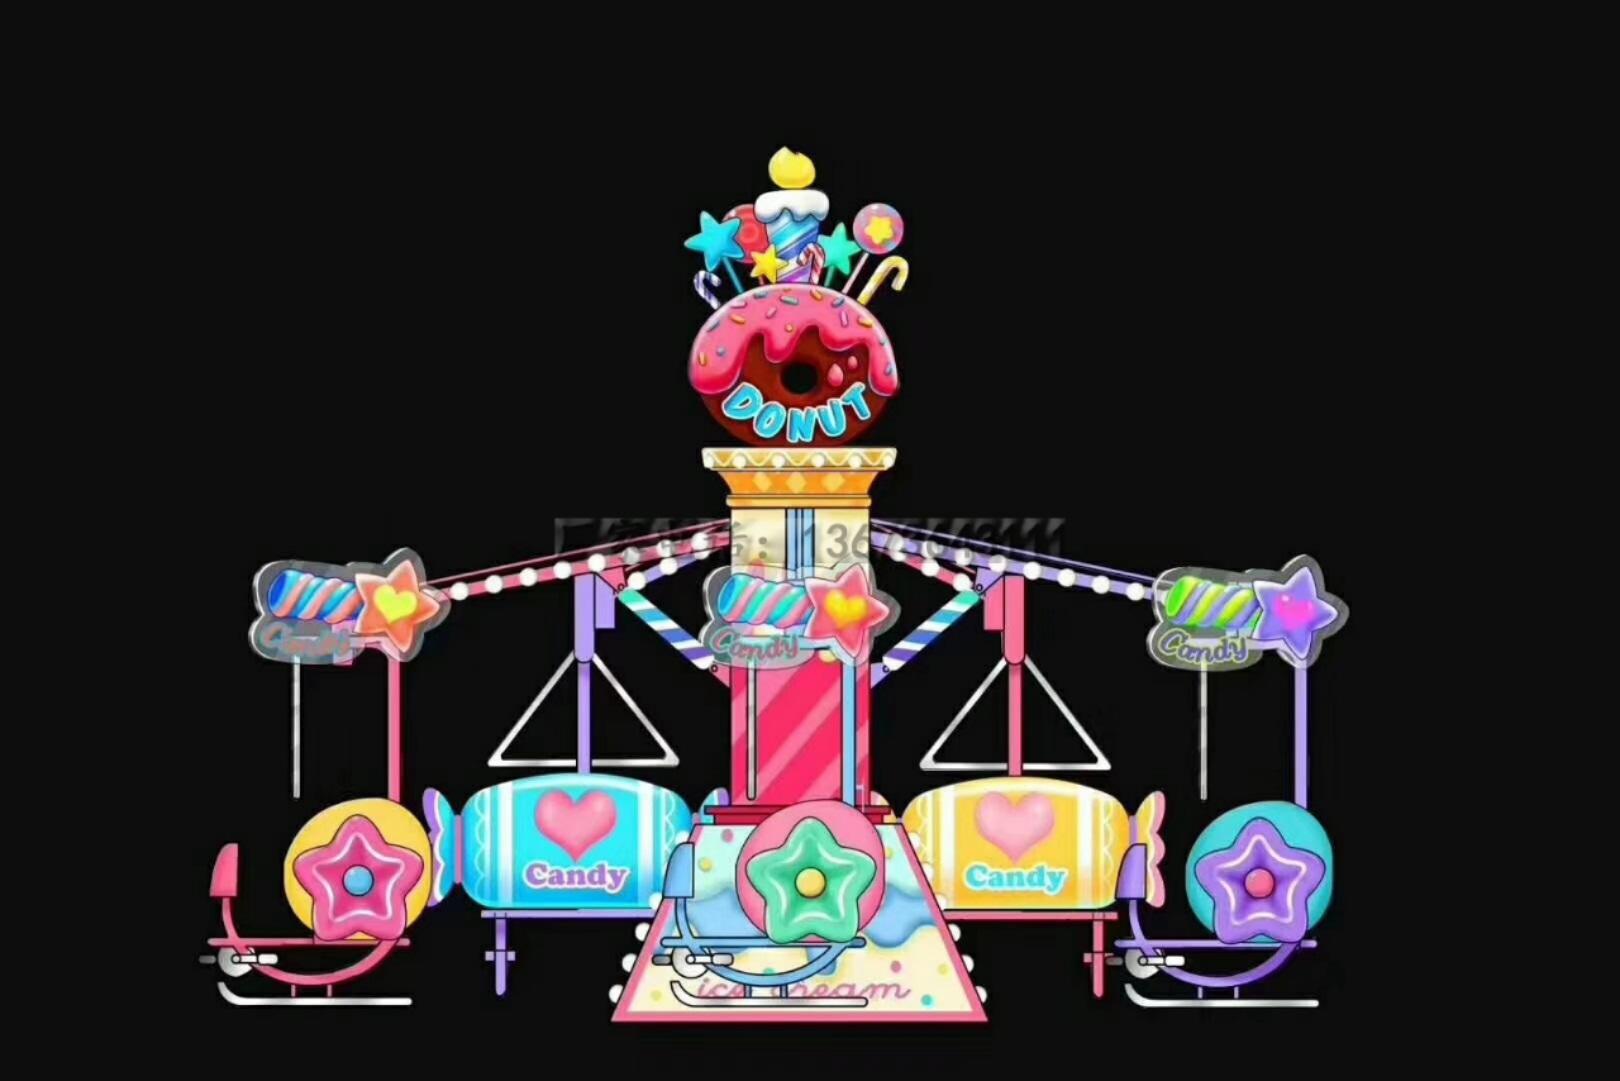 2020大洋游乐重磅推出儿童战火金刚机器人  广场火爆可乐侠机器人示例图28